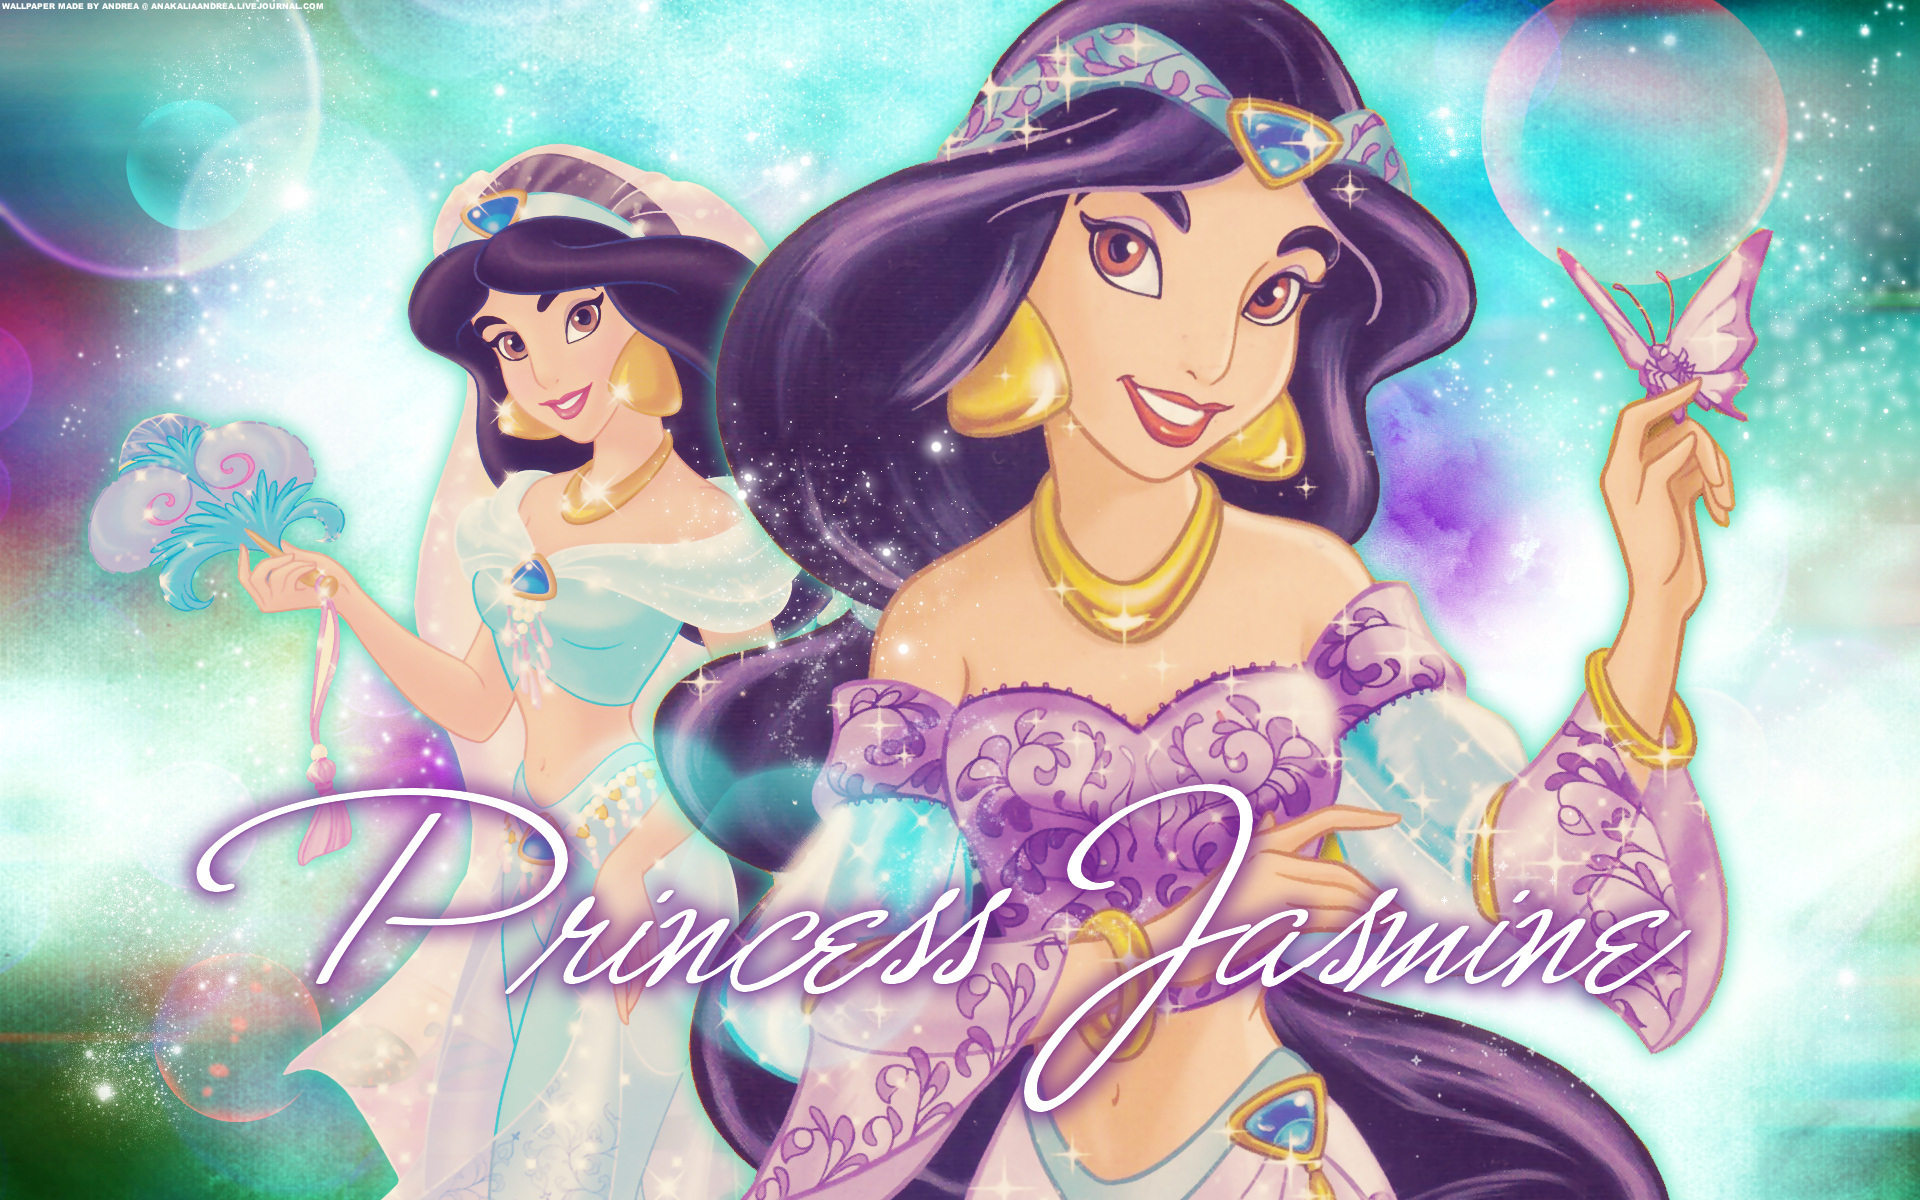 ディズニー壁紙ジャスミン王女 プリンセスジャスミン壁紙 19x10 Wallpapertip